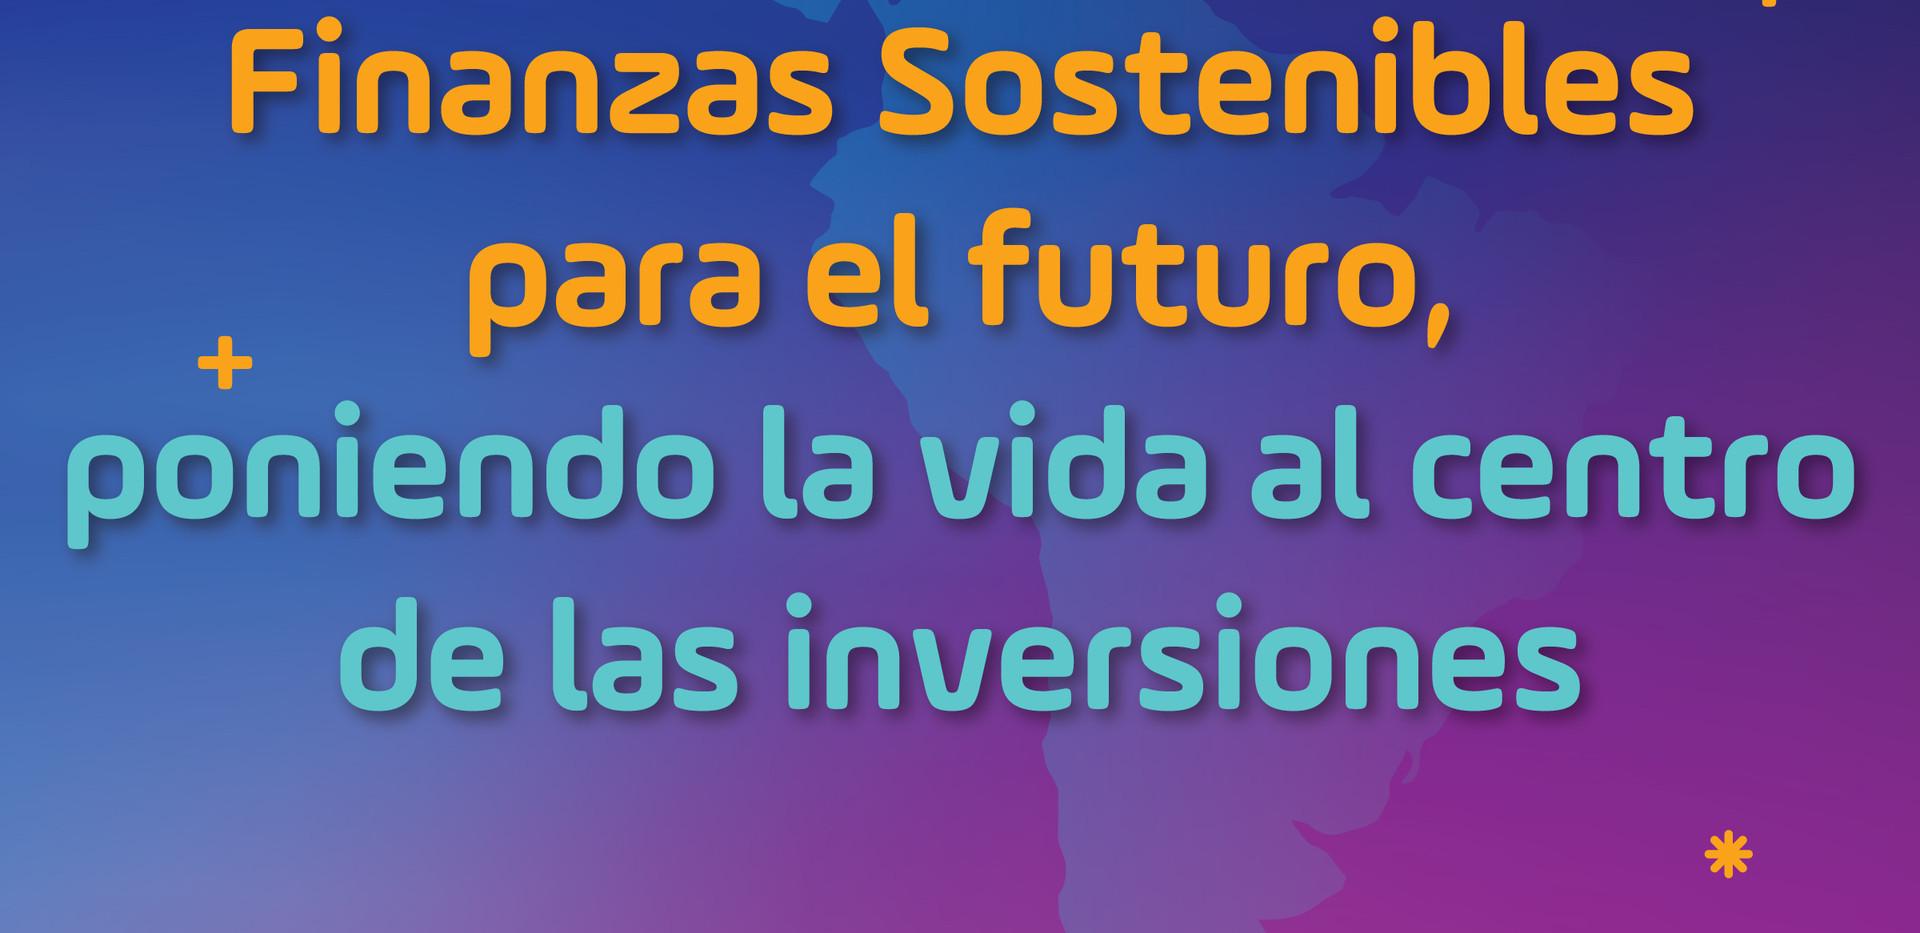 Finanzas Sostenibles para el Futuro